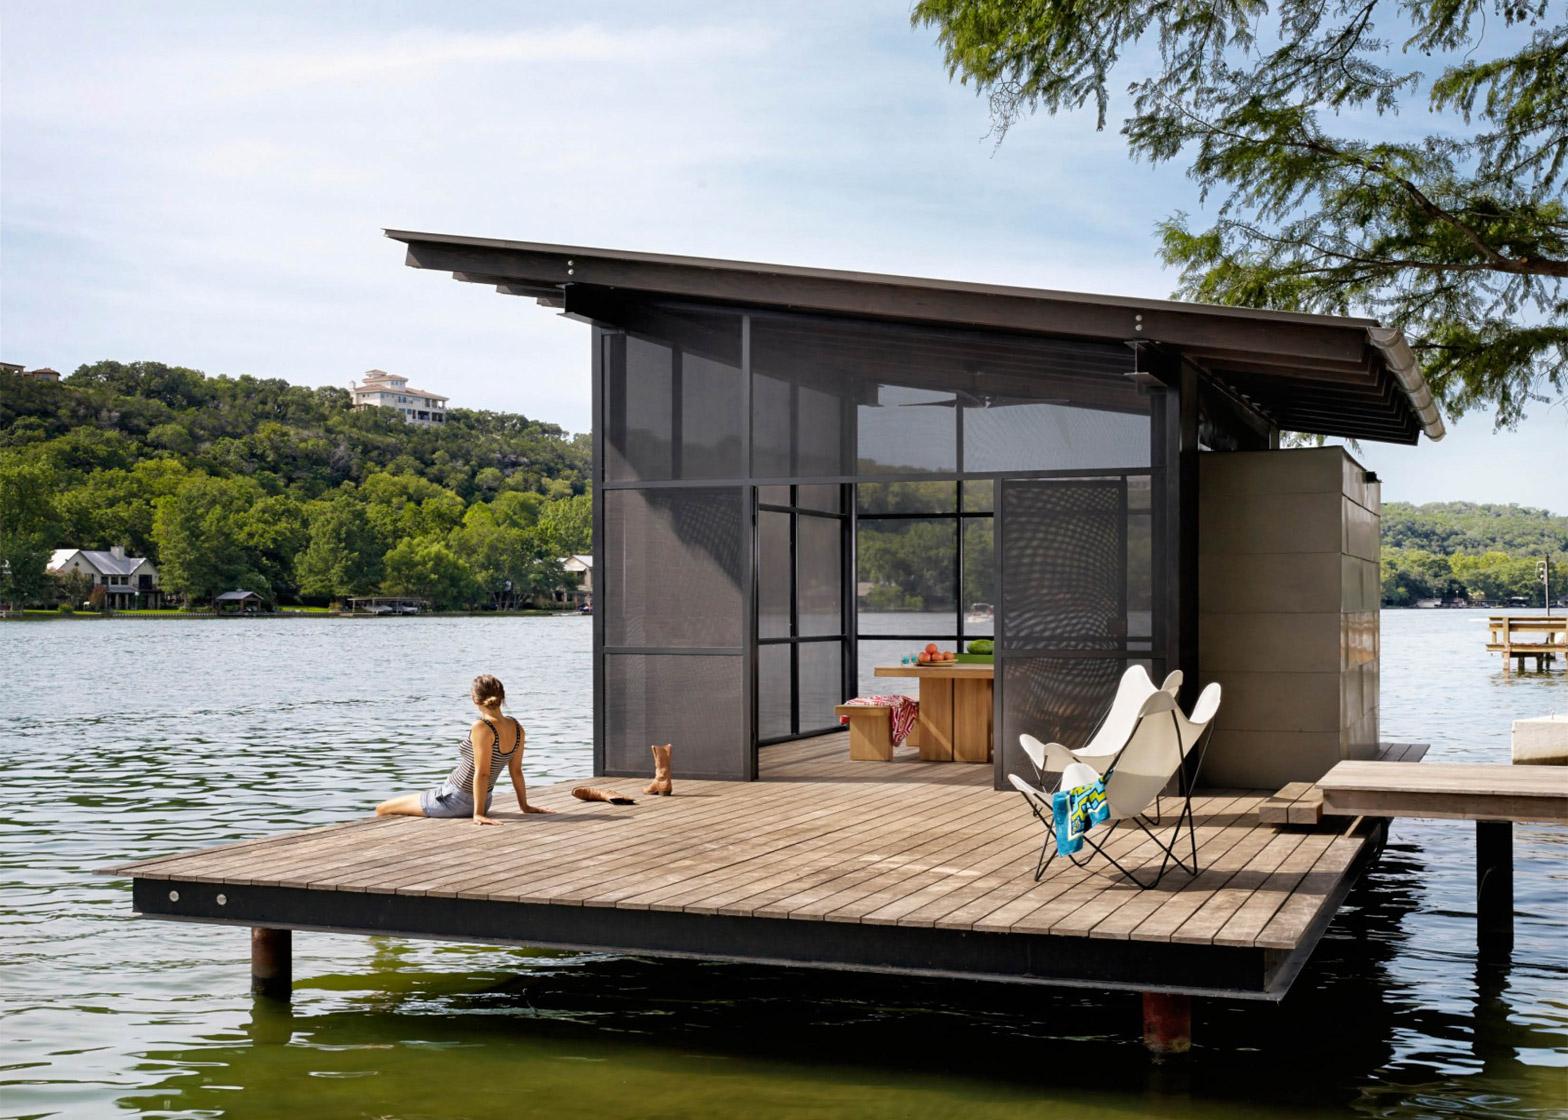 Hog Pen house by Lake Flato